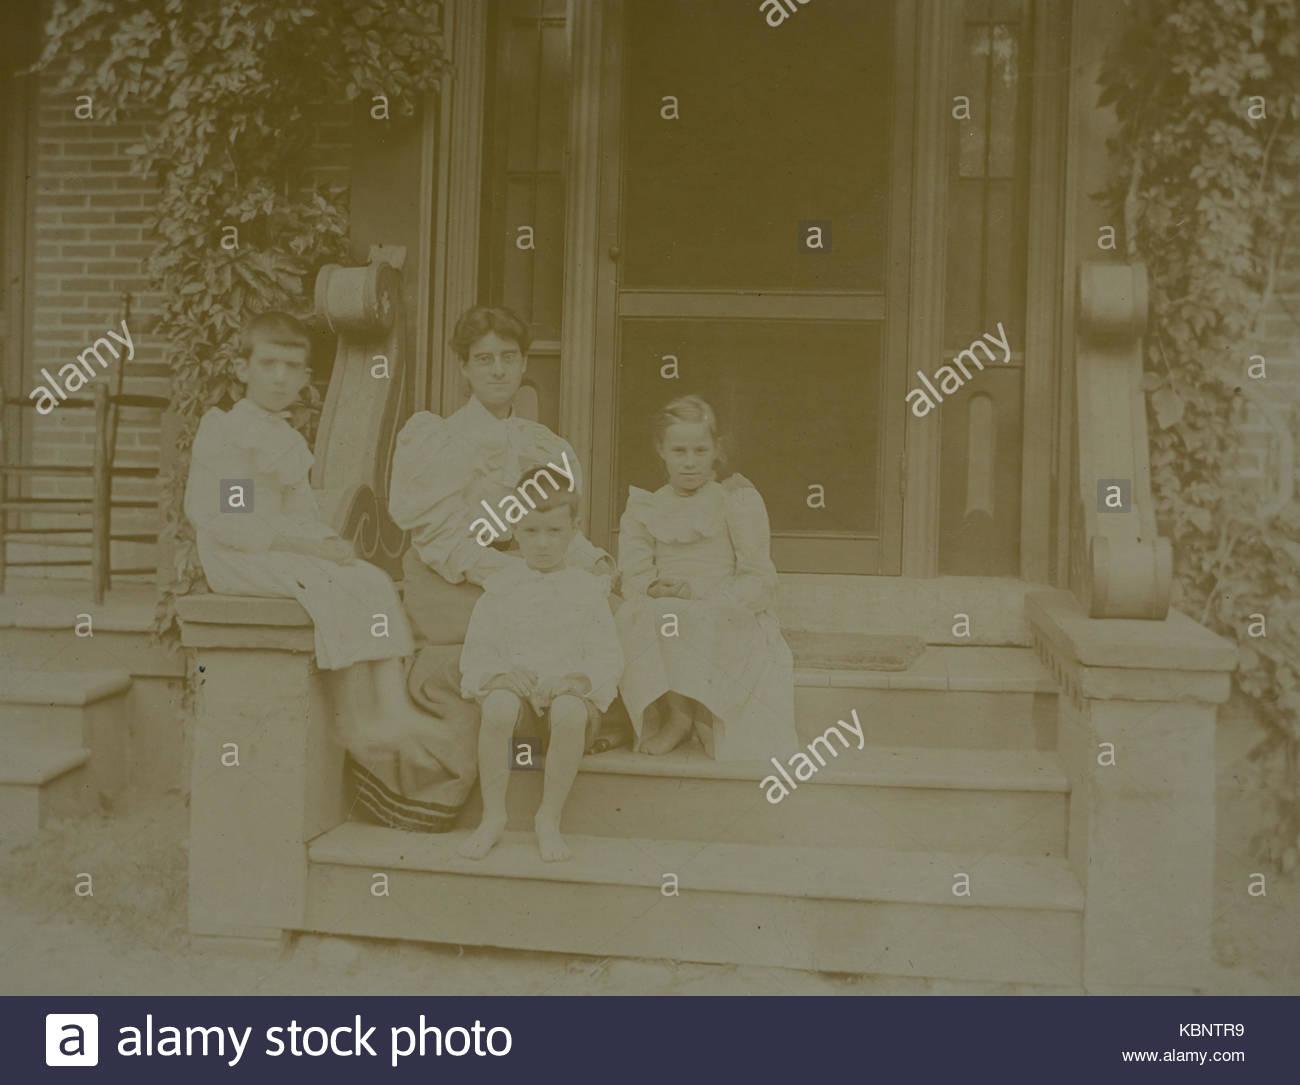 Amerikanische Archiv Schwarzweiss Familie Portrait Foto Von Einer Mutter Und Drei Kinder Sitzen Auf Schritte Stockbild